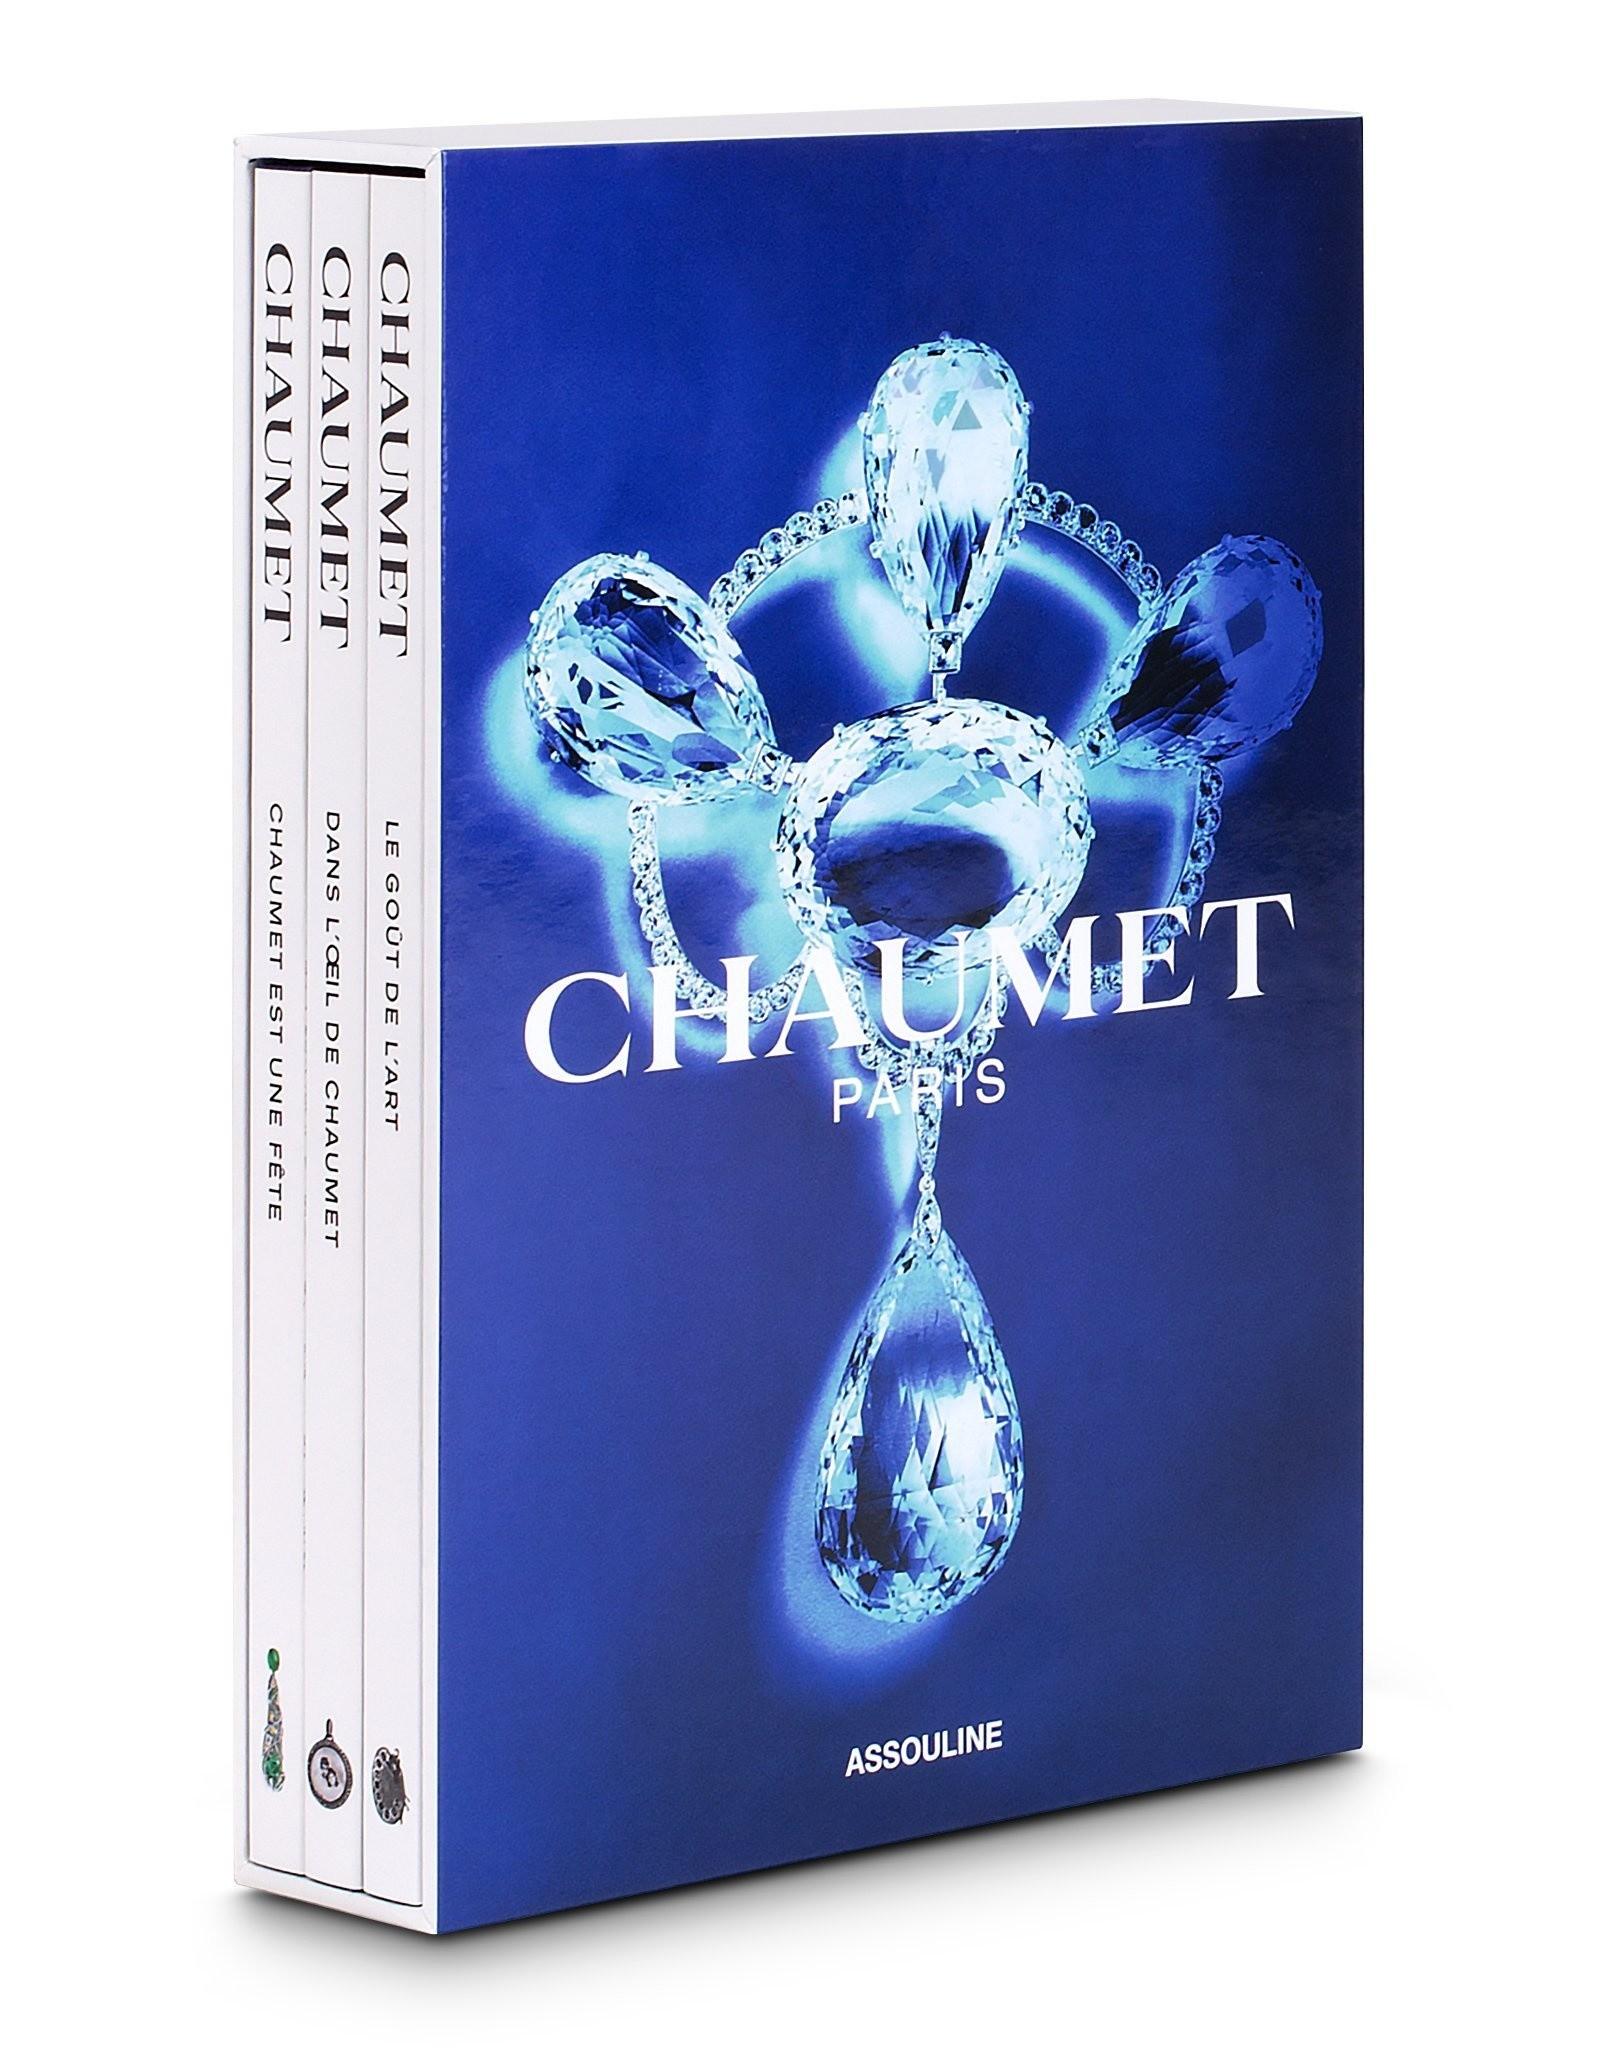 Assouline Chaumet: Photography, Arts, Fetes S/3